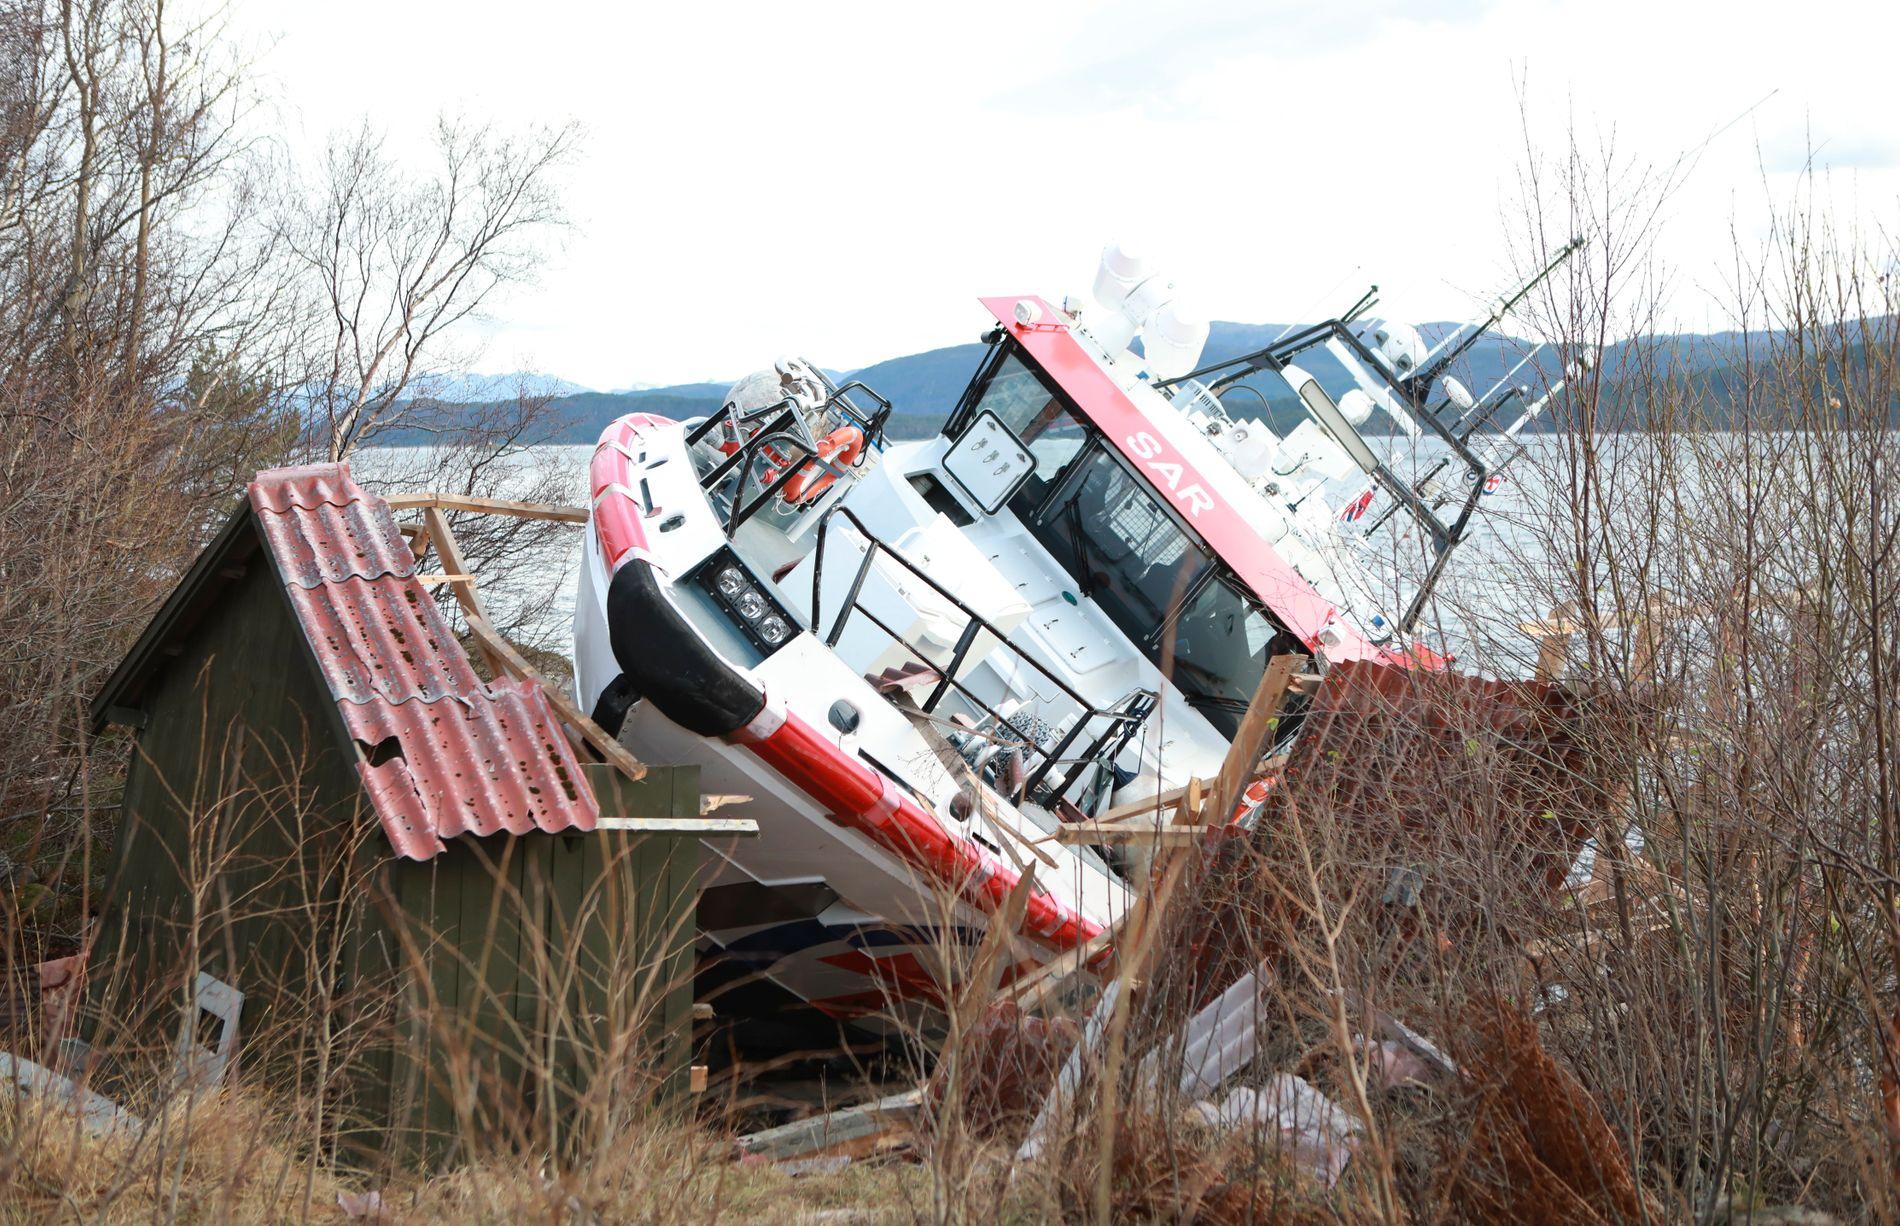 FULL FART: Torsdag traff redningsskøyten «Idar Ulstein» land og knuste et naust på Grytastranda i Haram kommune i Møre og Romsdal.